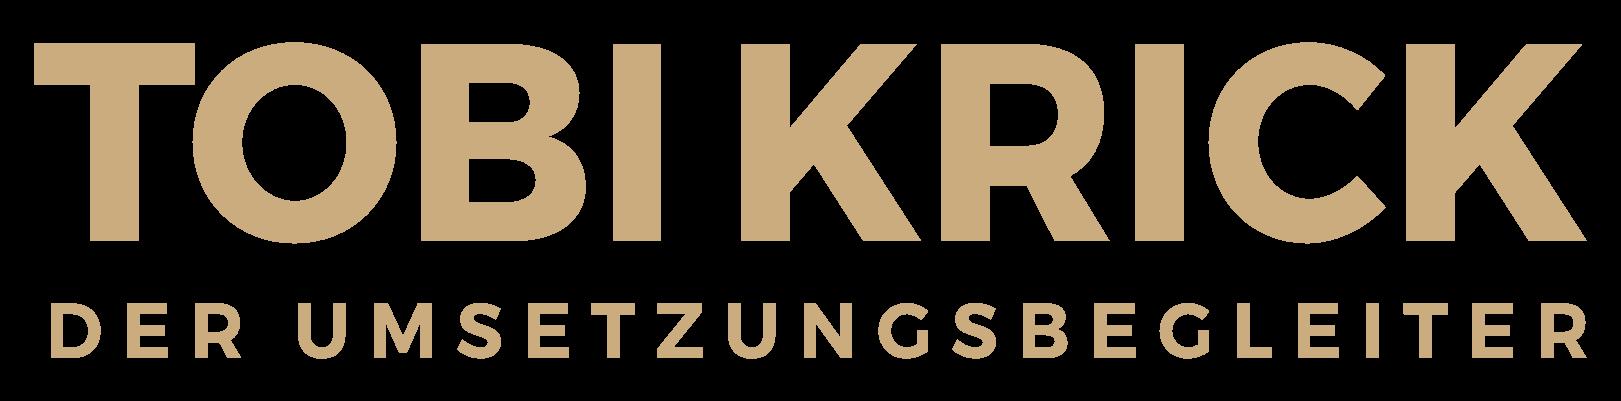 TOBI KRICK Logo GOLD